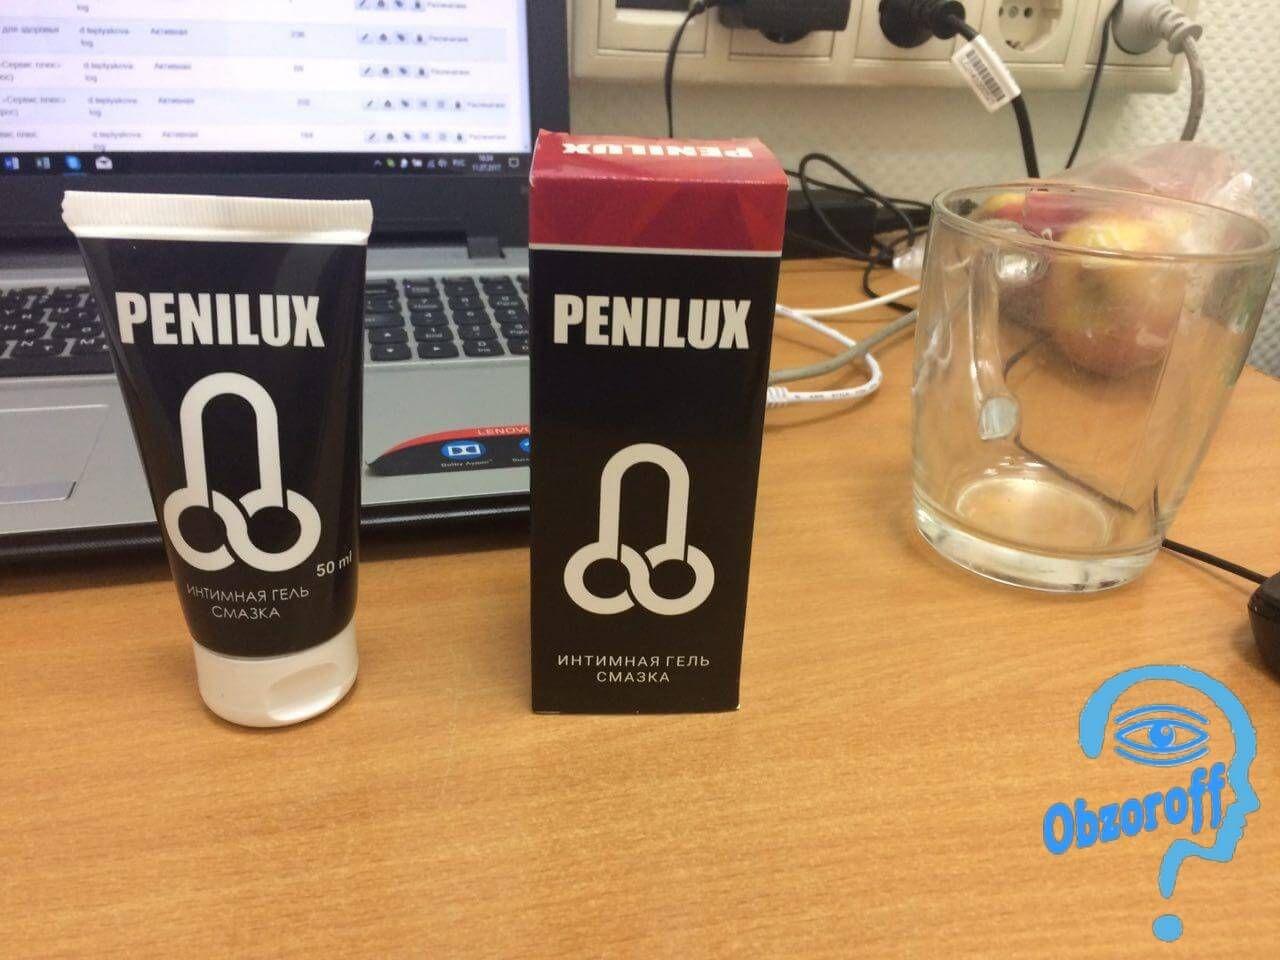 Penilux Gel мужской крем в Зее